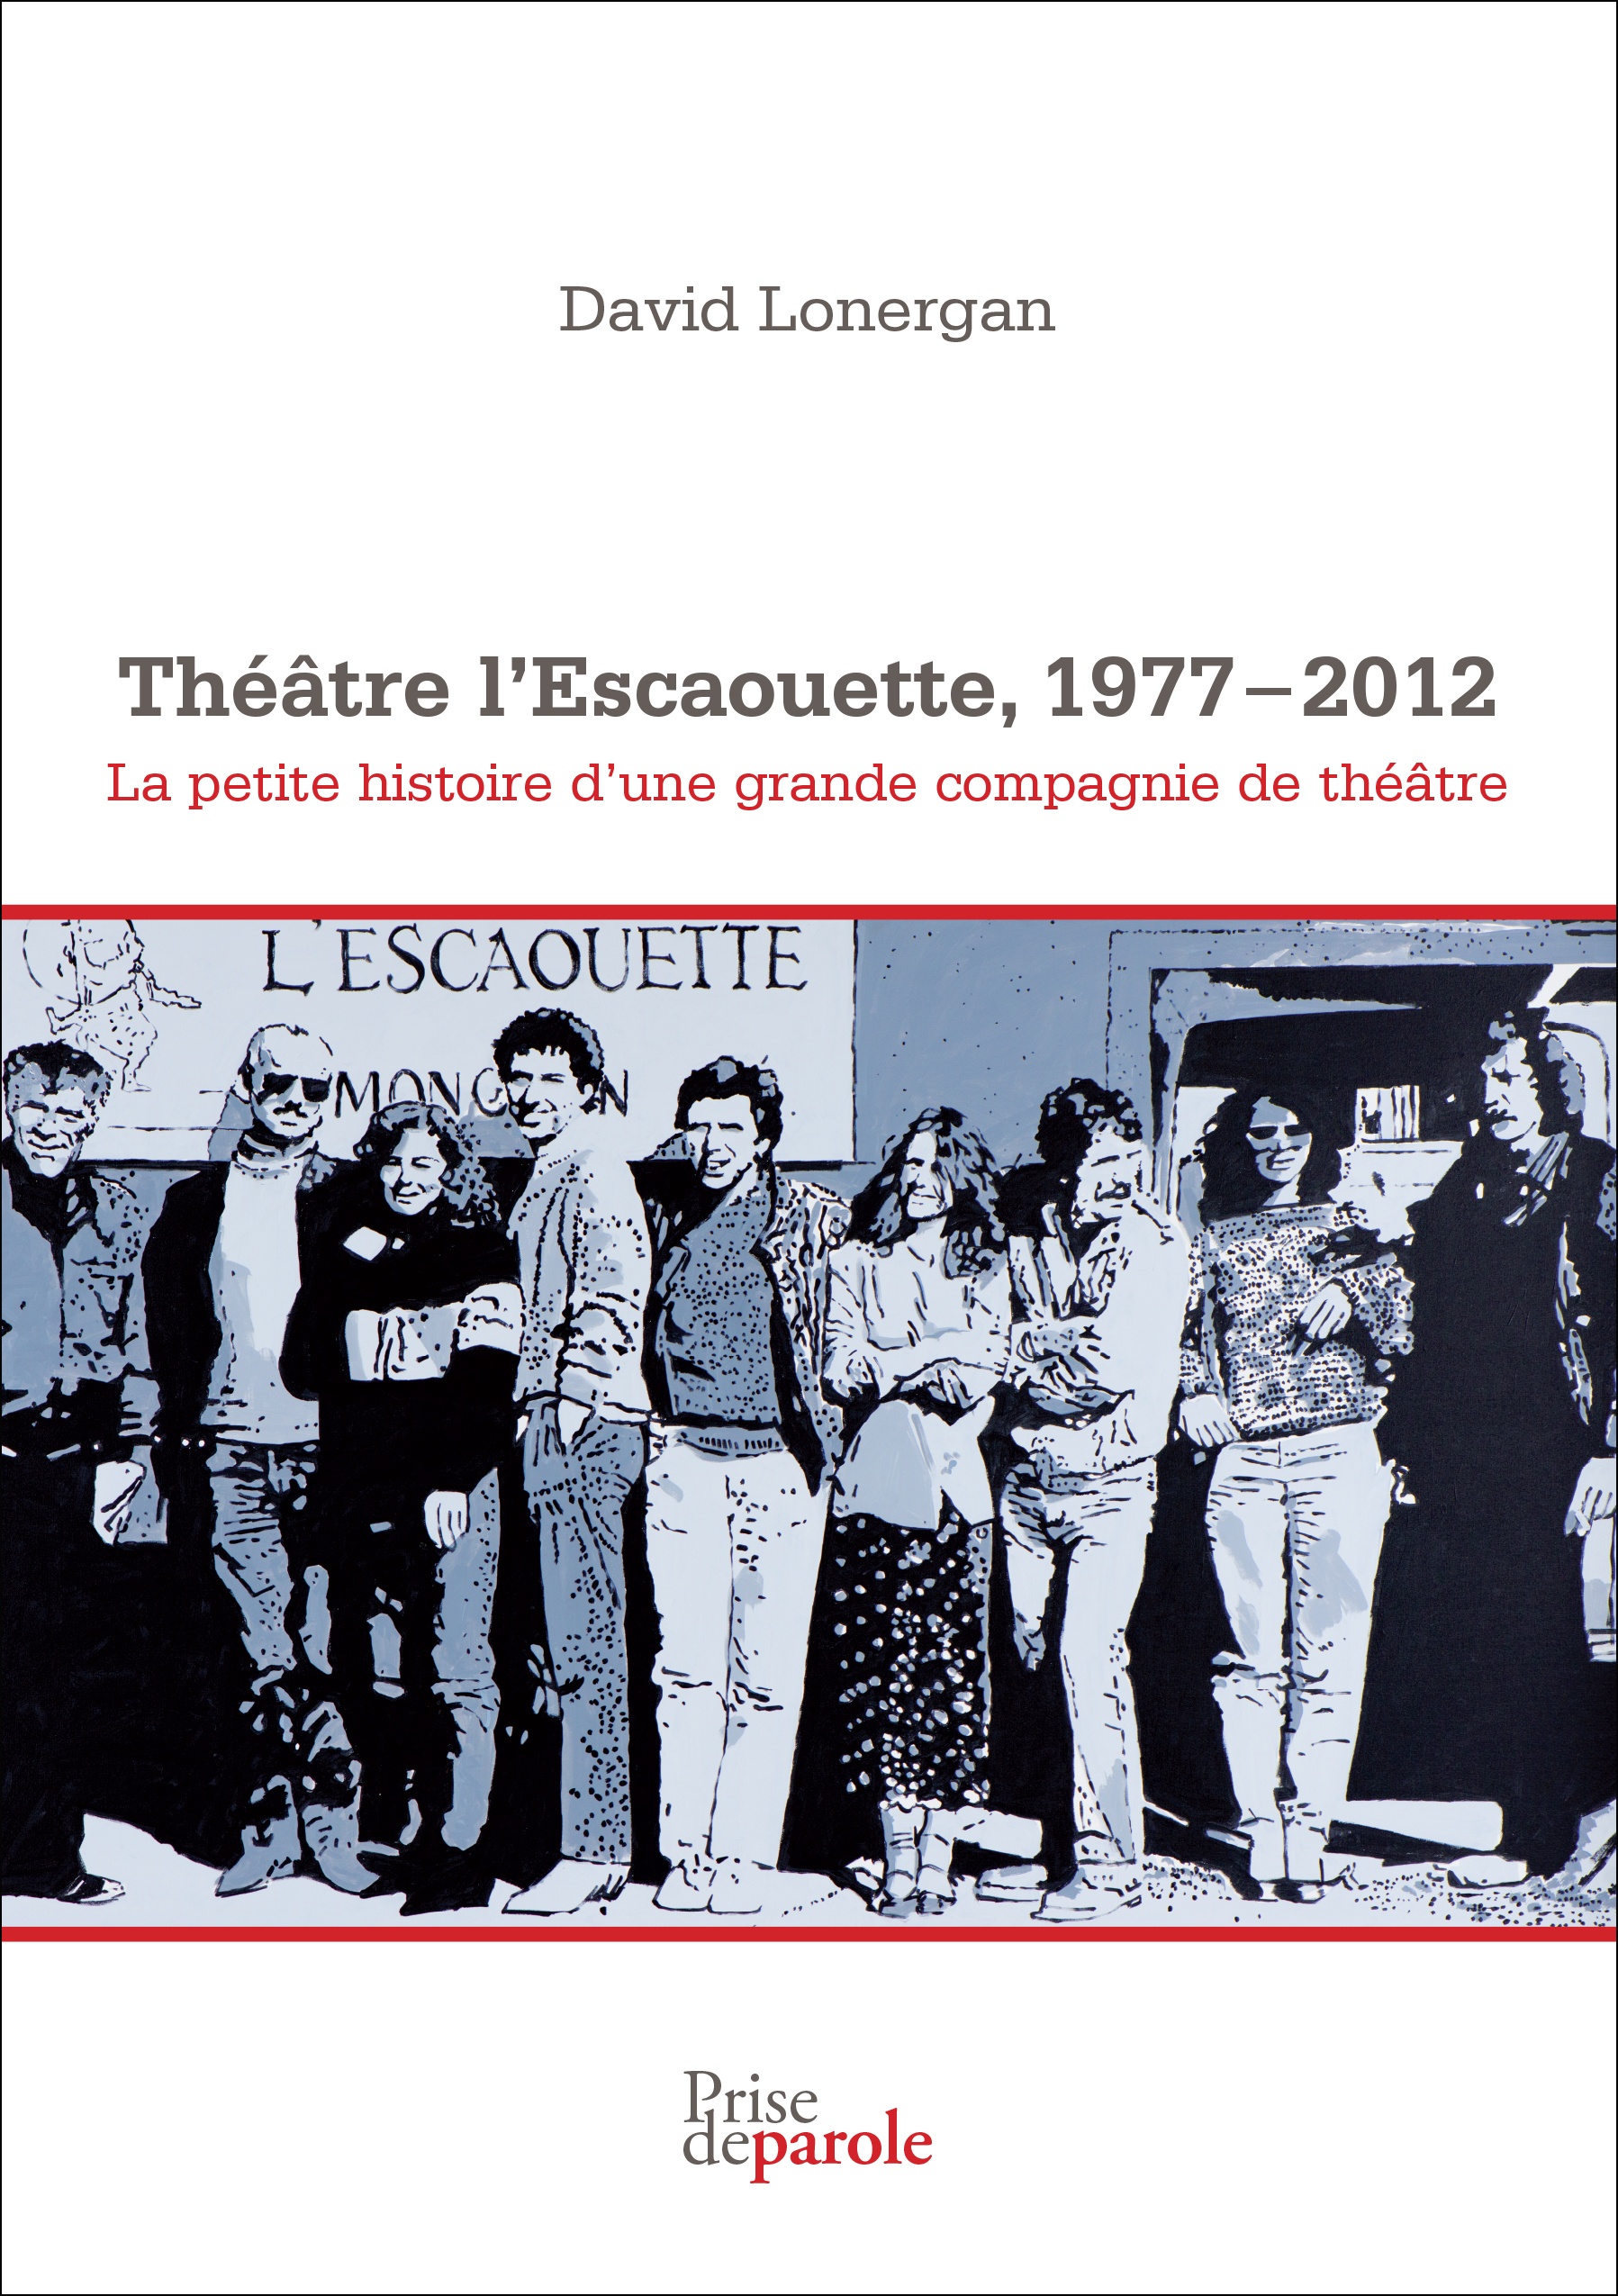 Théâtre l'Escaouette, 1977-2012